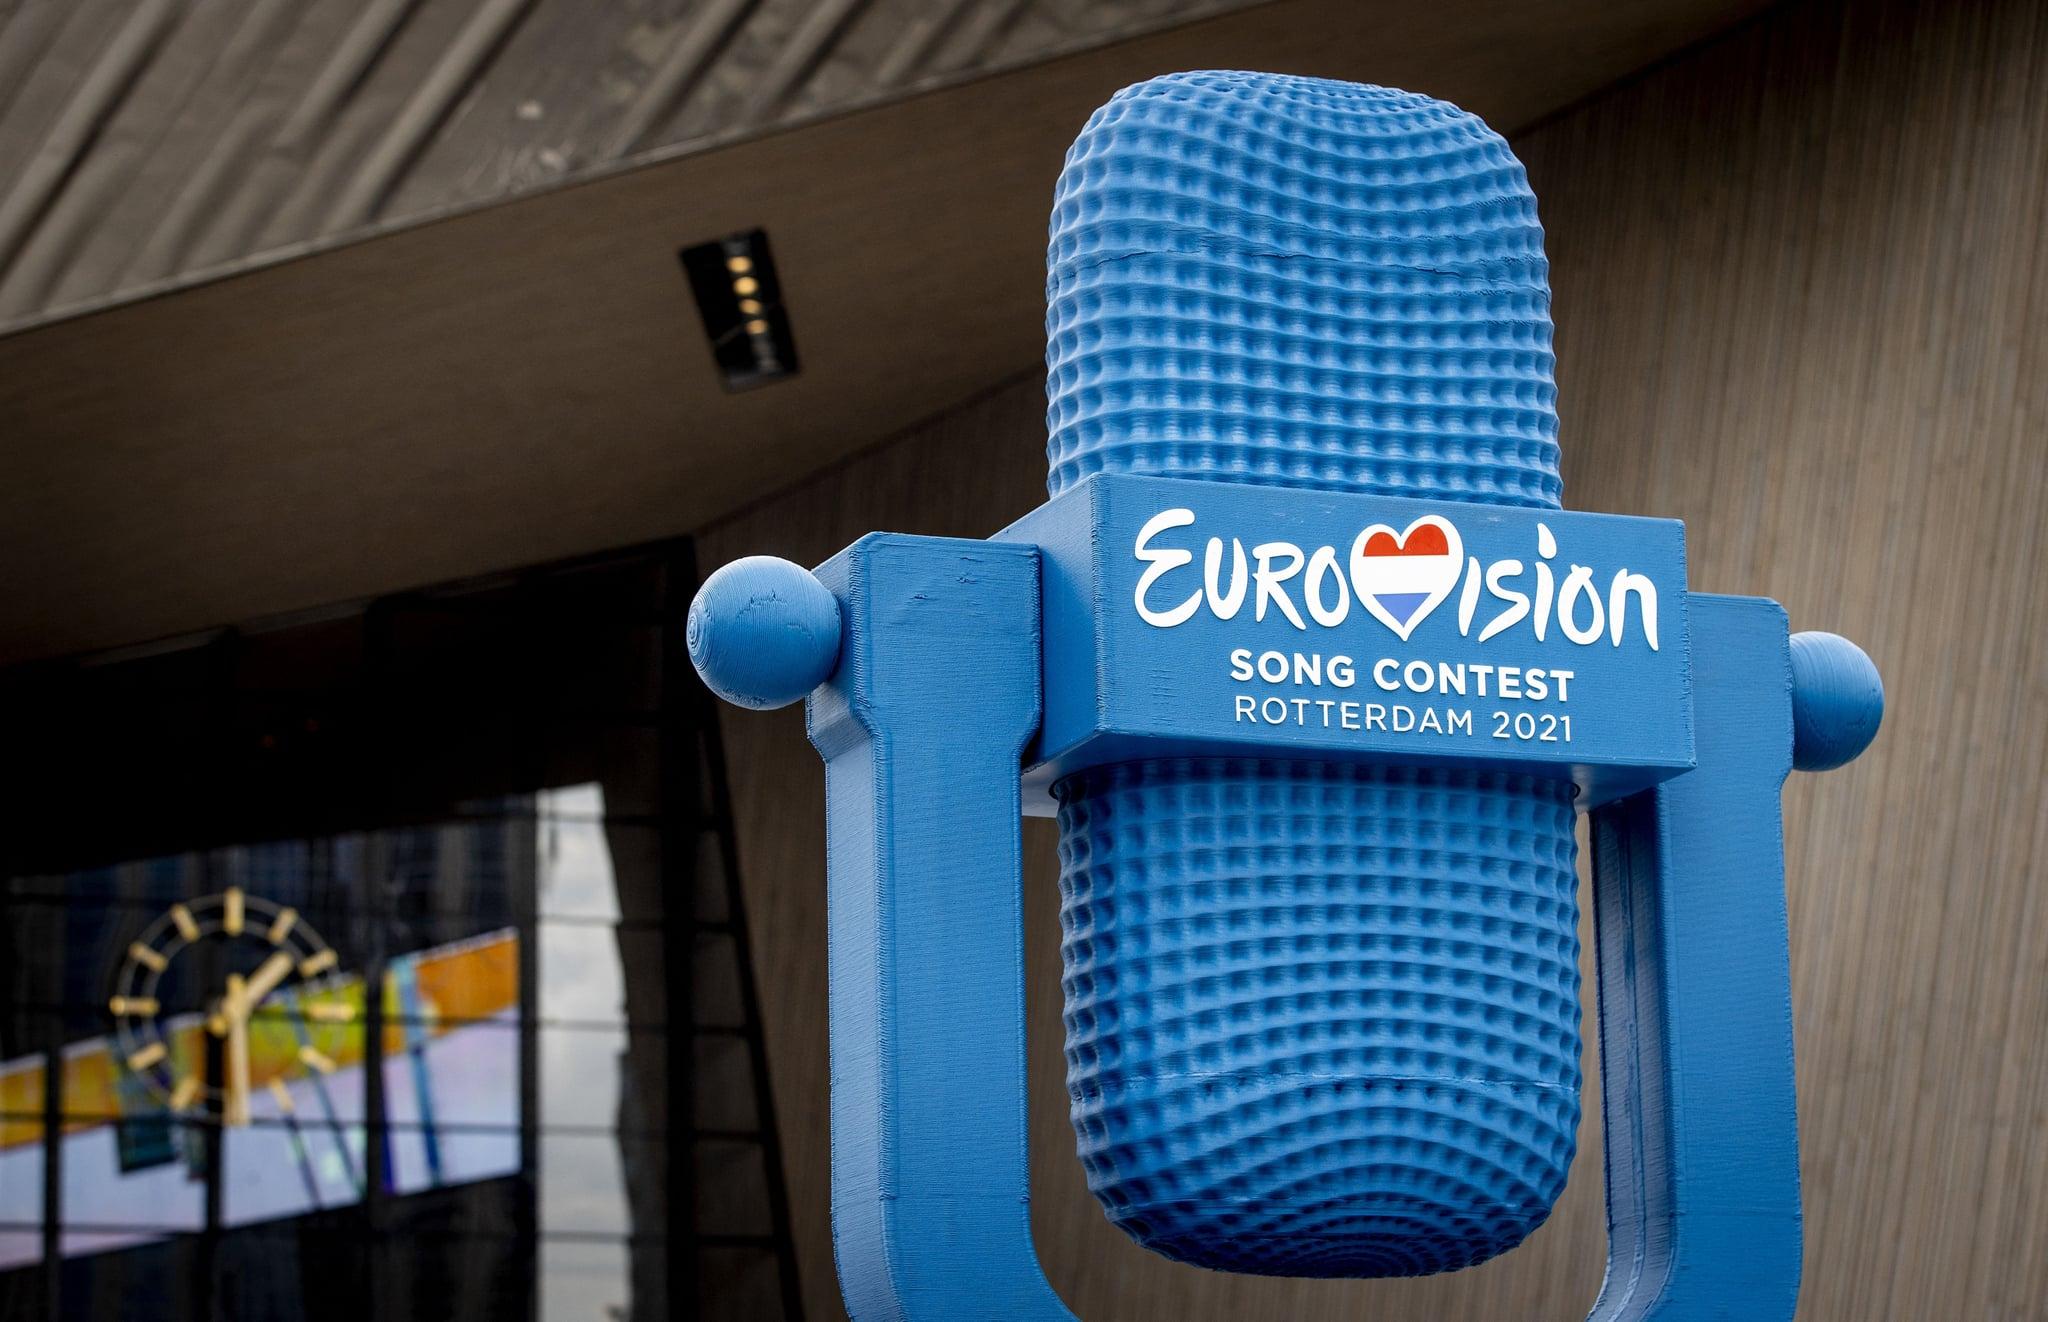 یک جایزه یوروویژن چاپ سه بعدی با ارتفاع چهار متر که از مواد بازیافتی PET از آبهای روتردام ساخته شده است ، قبل از مسابقه آواز یوروویژن 2021 در روتردام ، هلند ، در 7 مه 2021 ، در ایستگاه مرکزی نمایش داده می شود. پس از مسابقه آهنگ یوروویژن به حراج گذاشته شود.  - هلند OUT (عکس از سم ون در وال / ANP / AFP) / هلند OUT (عکس از SEM VAN DER WAL / ANP / AFP از طریق گتی ایماژ)